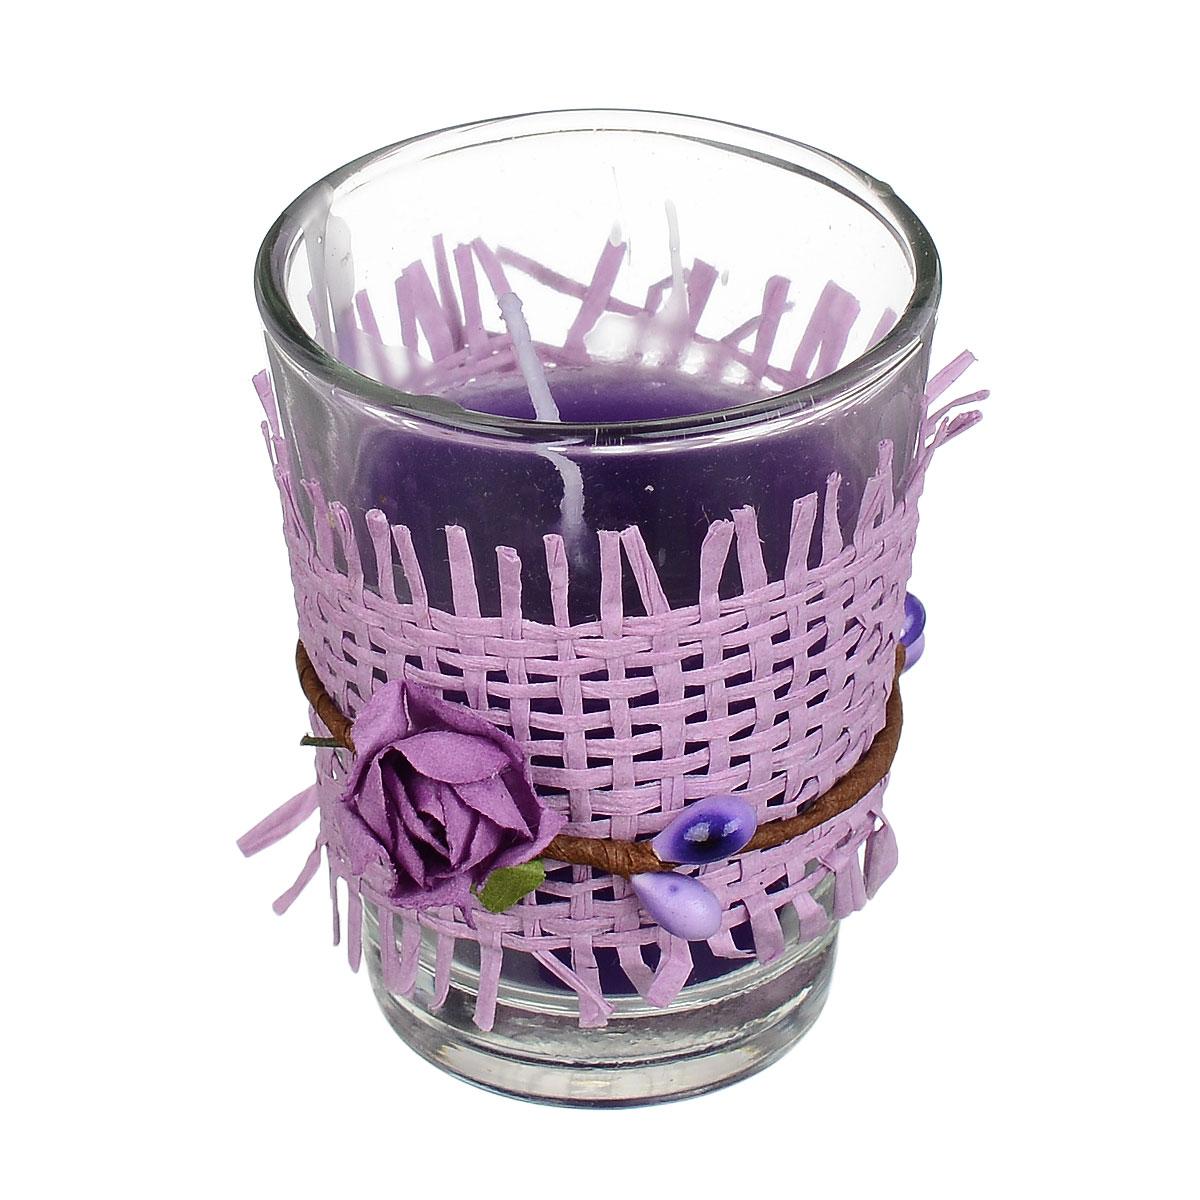 Свеча ароматизированная Sima-land Влечение. Лаванда, высота 6 см296121Ароматизированная свеча Sima-land Влечение. Лаванда изготовлена из воска и расположена в стеклянном стакане, украшенном декоративными бумажными цветами. Изделие отличается оригинальным дизайном и приятным ароматом лаванды. Такая свеча может стать отличным подарком или дополнить интерьер вашей комнаты.